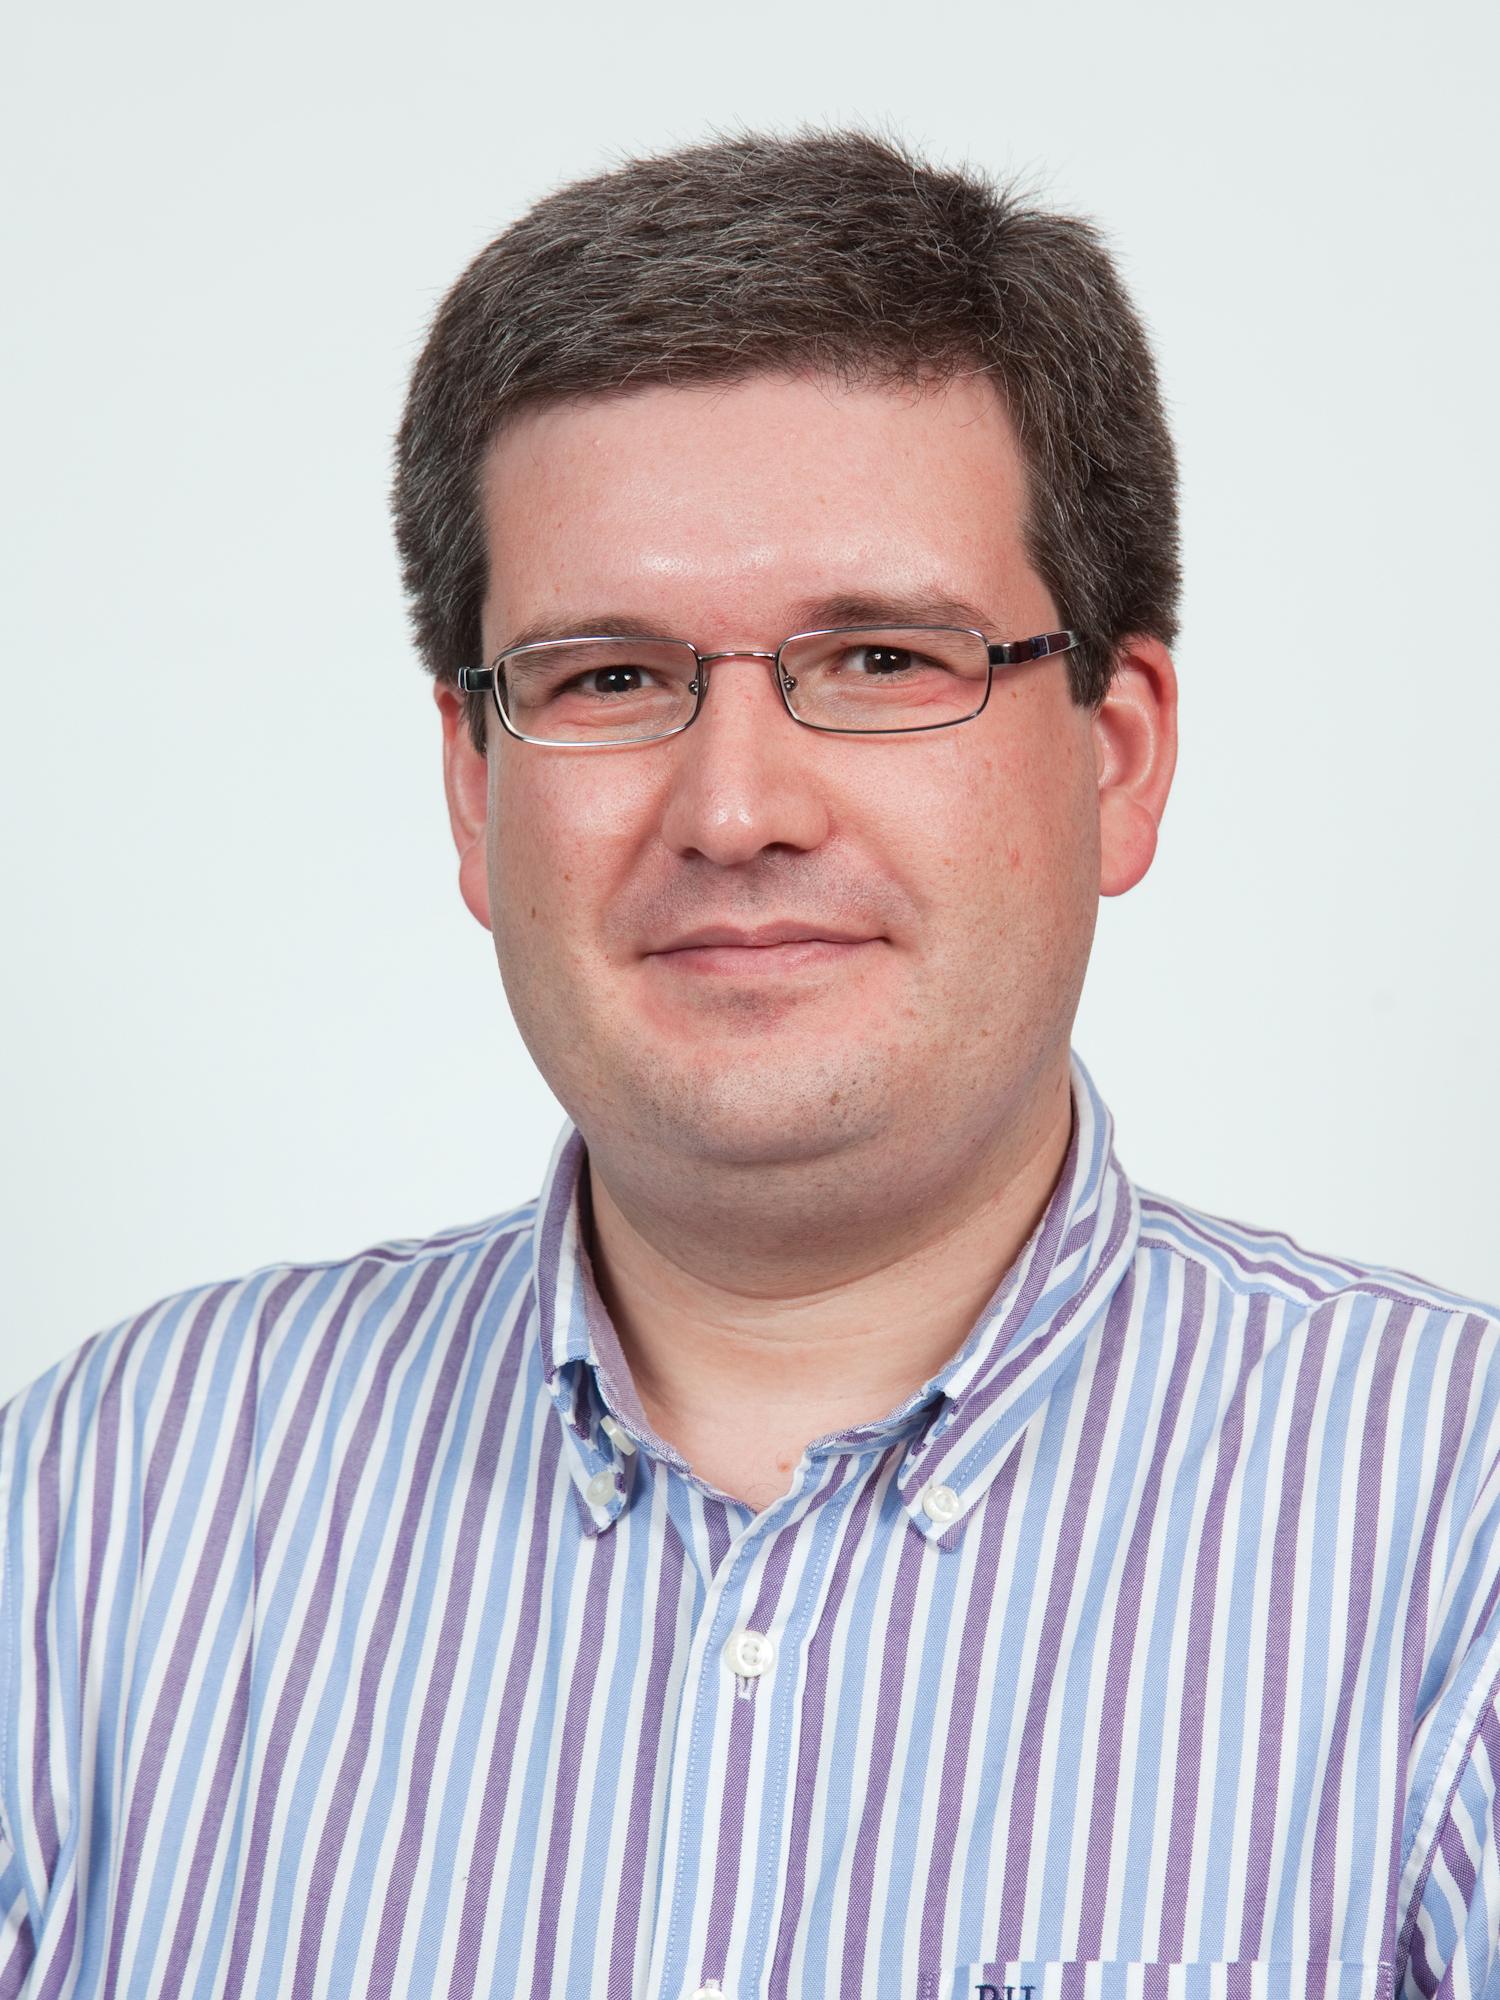 Javier Calmuntia